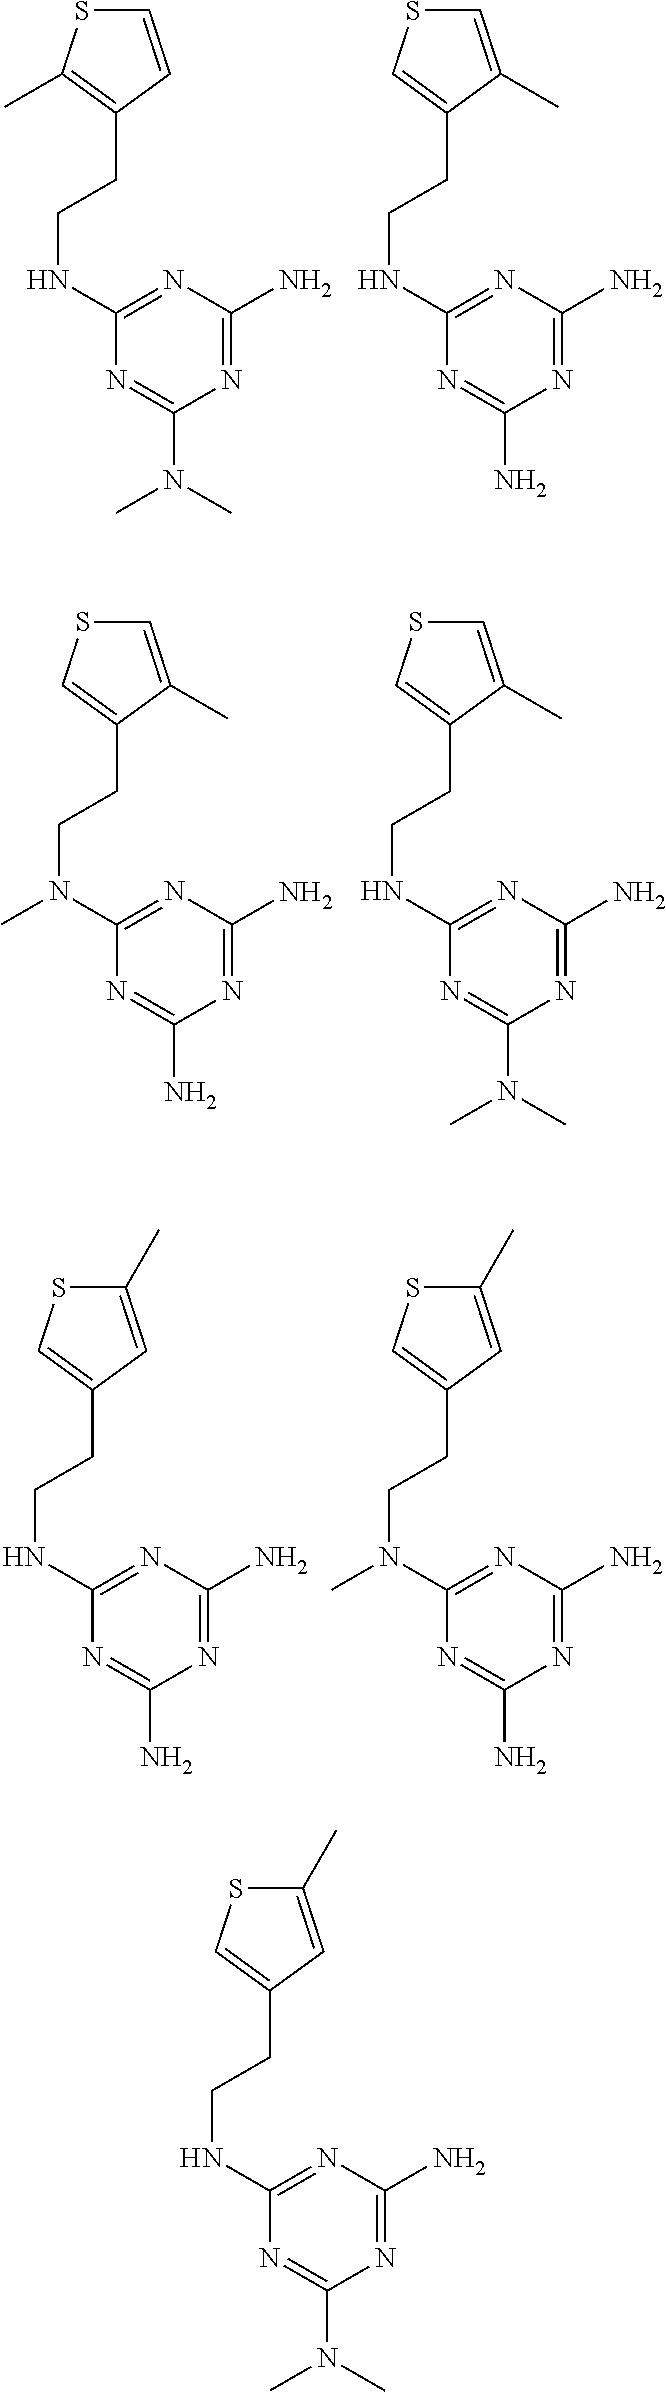 Figure US09480663-20161101-C00149